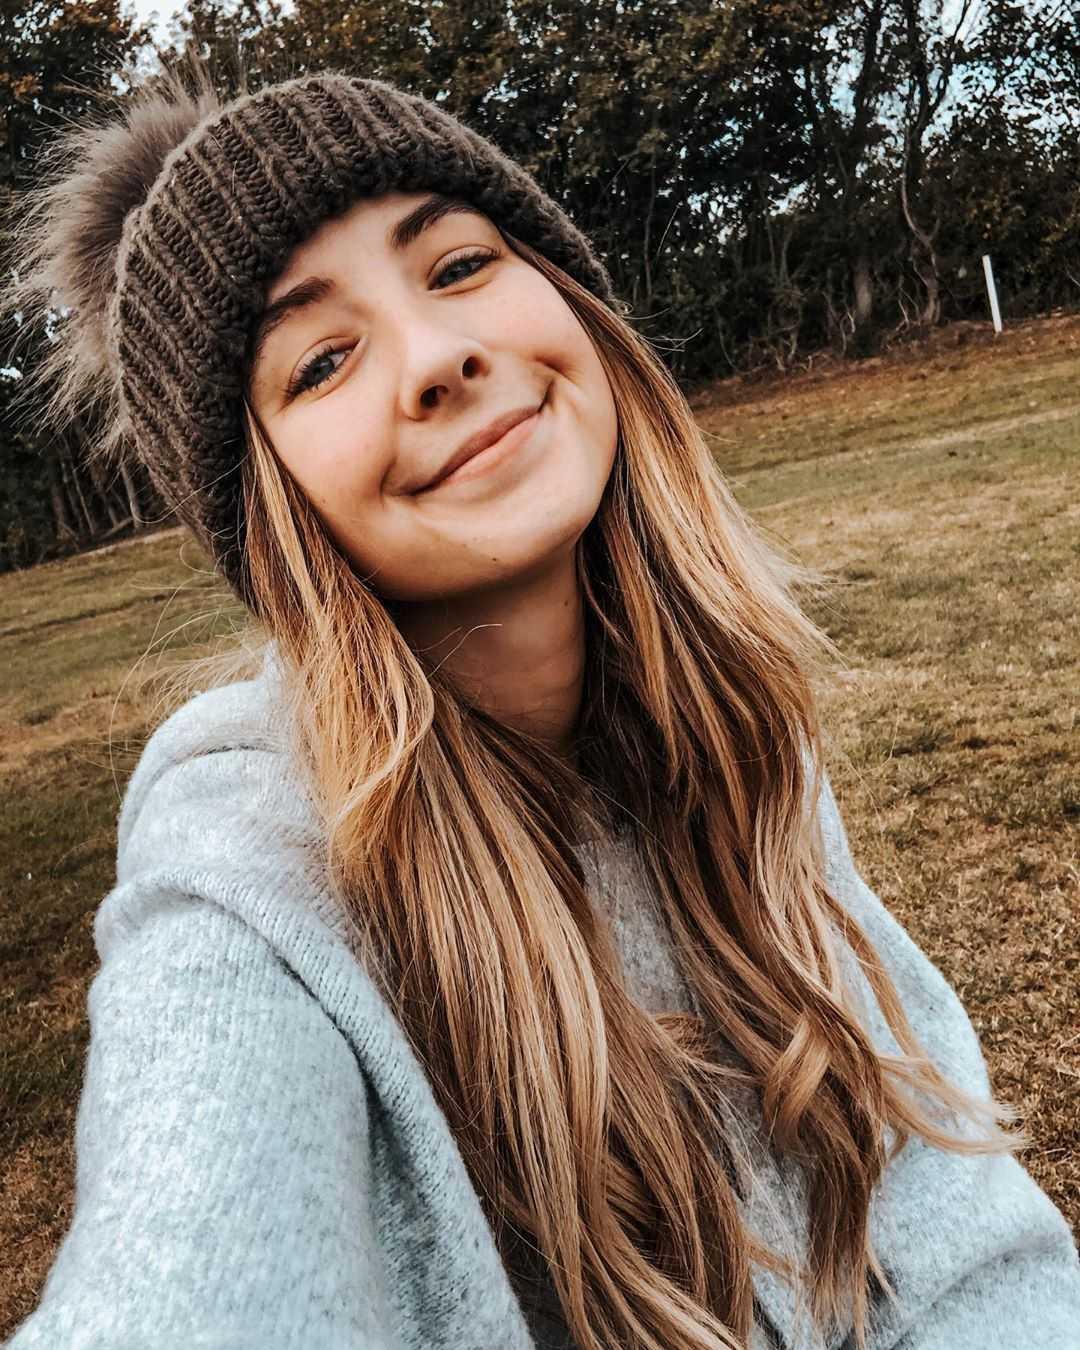 zoella cute smile